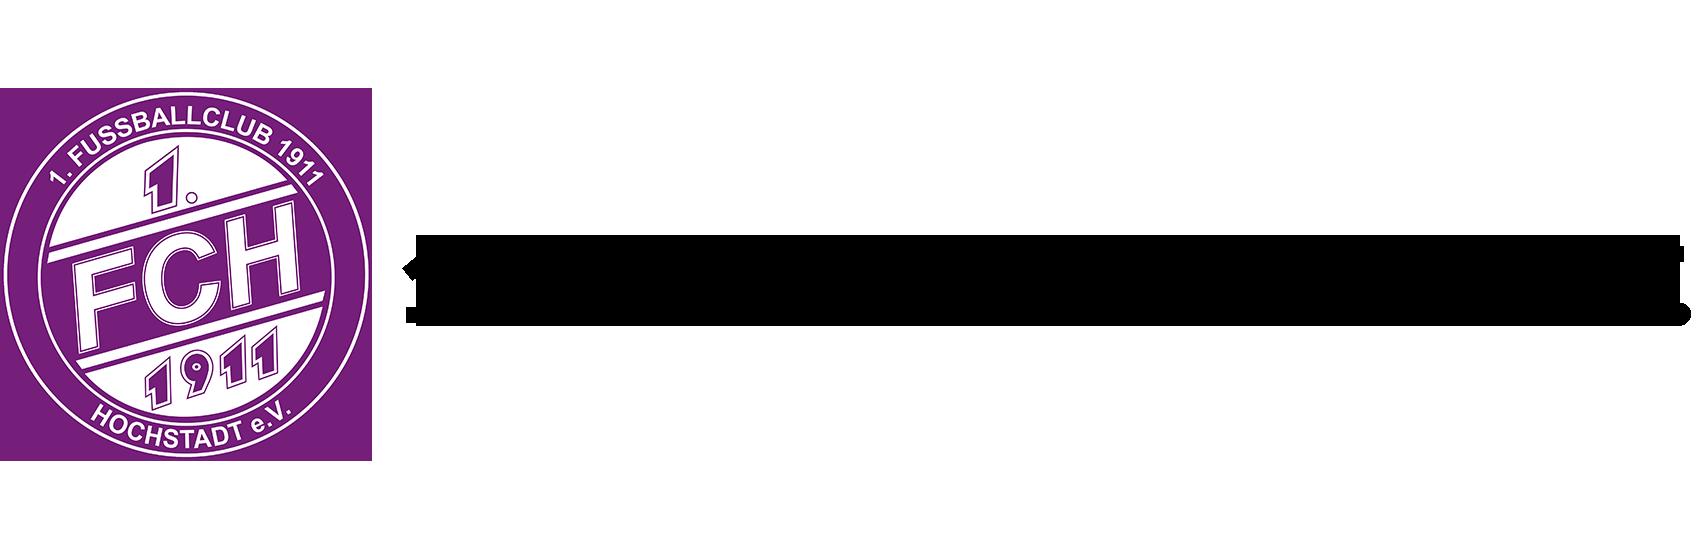 1. FC 1911 Hochstadt e.V.